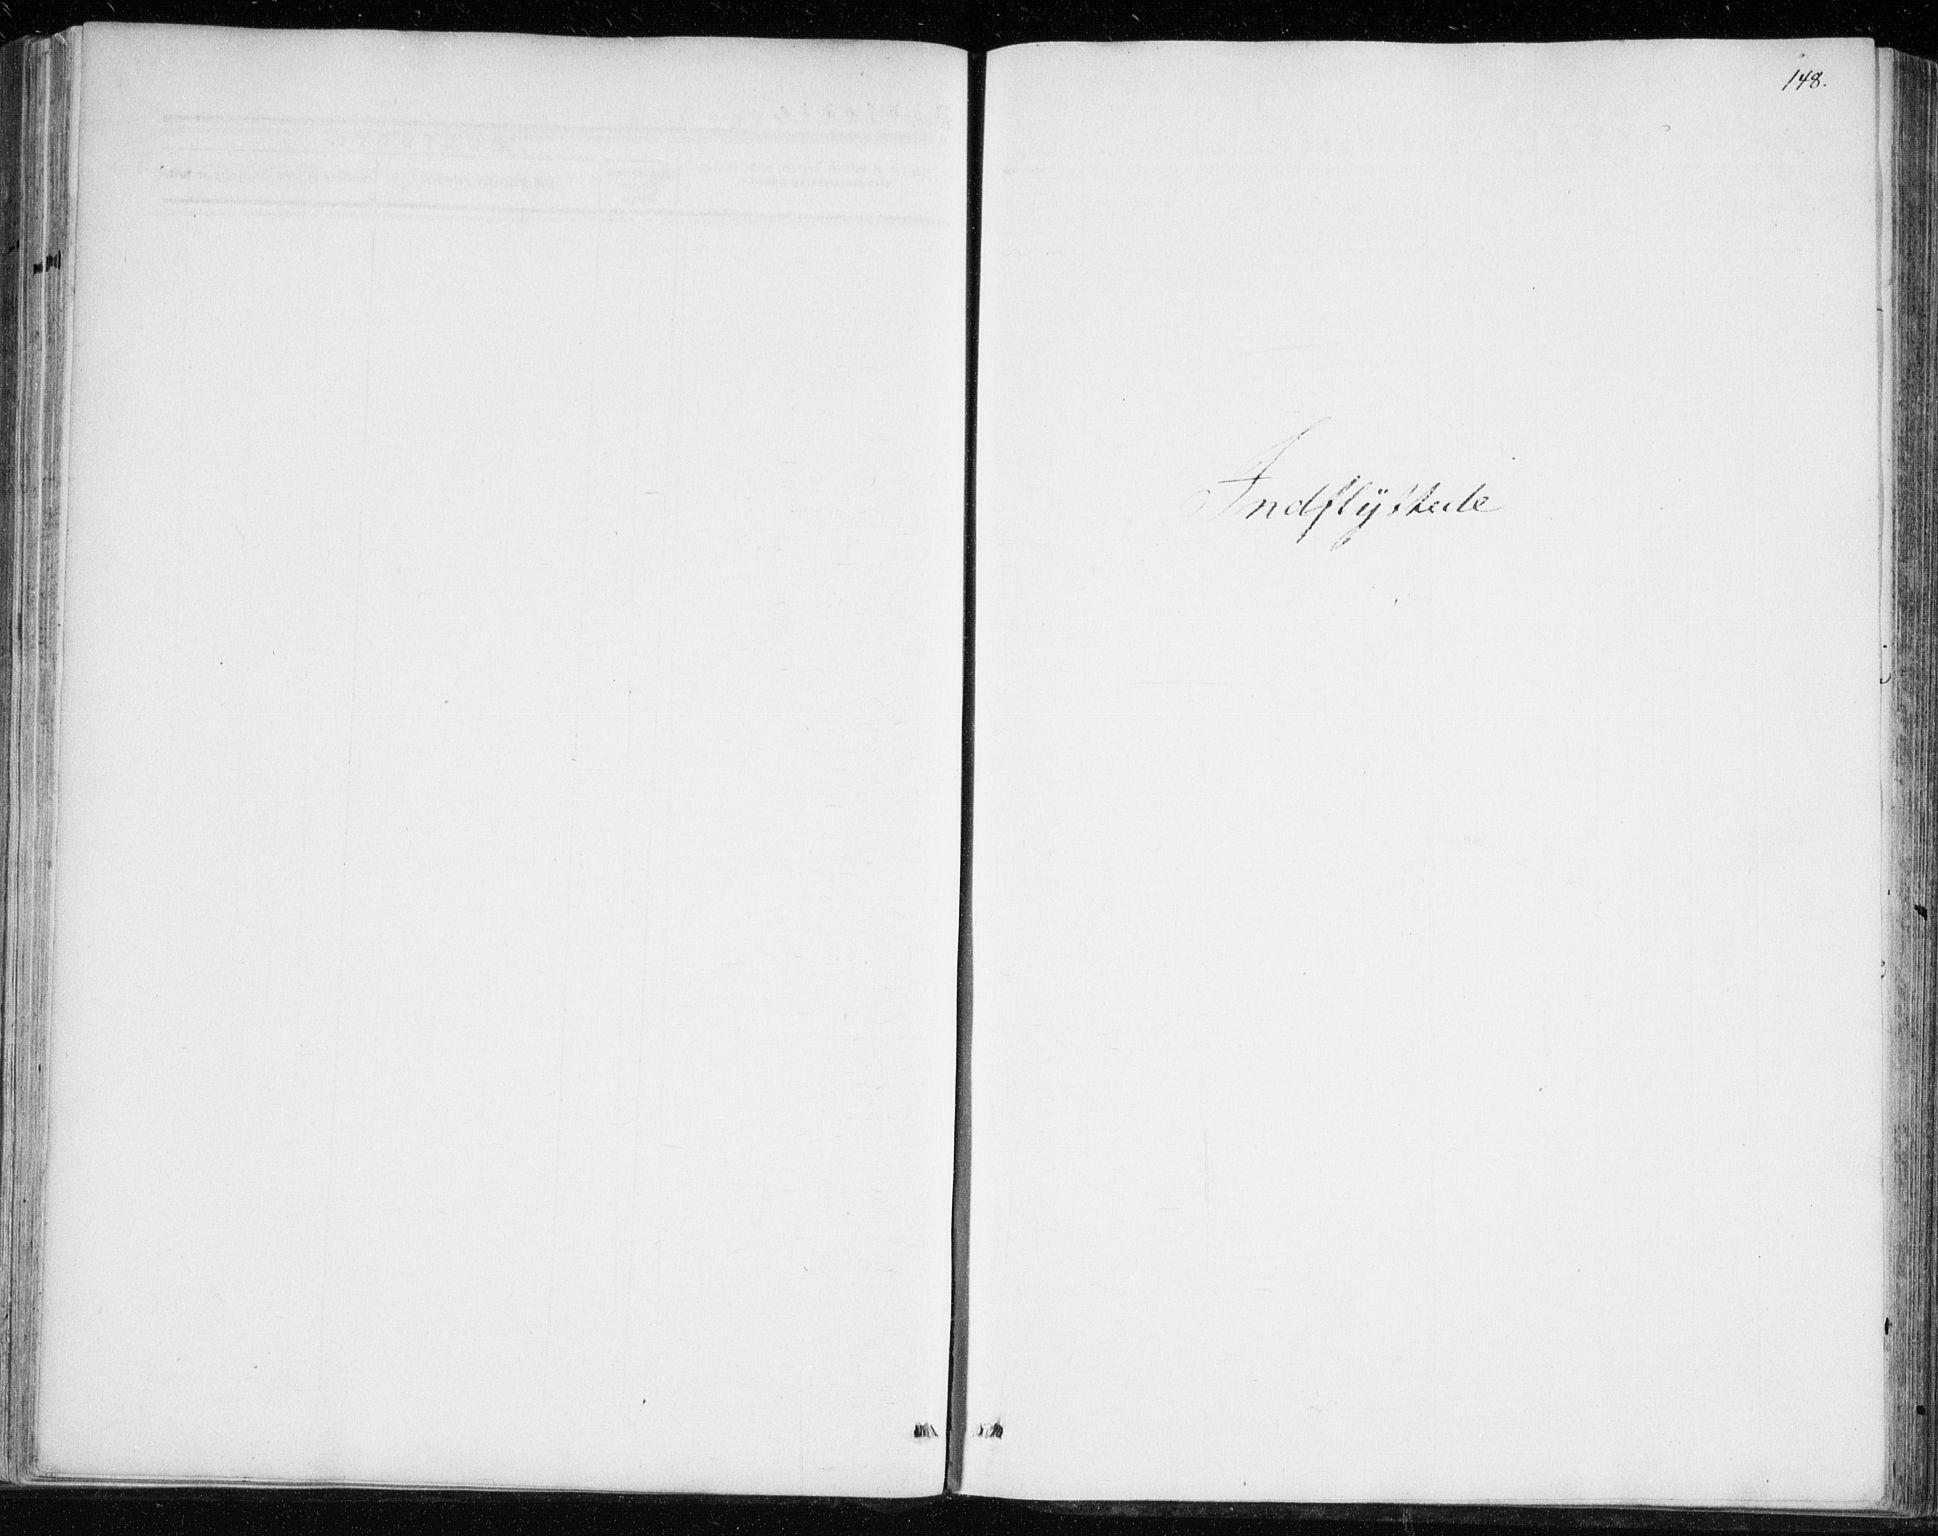 SATØ, Balsfjord sokneprestembete, Ministerialbok nr. 1, 1858-1870, s. 148